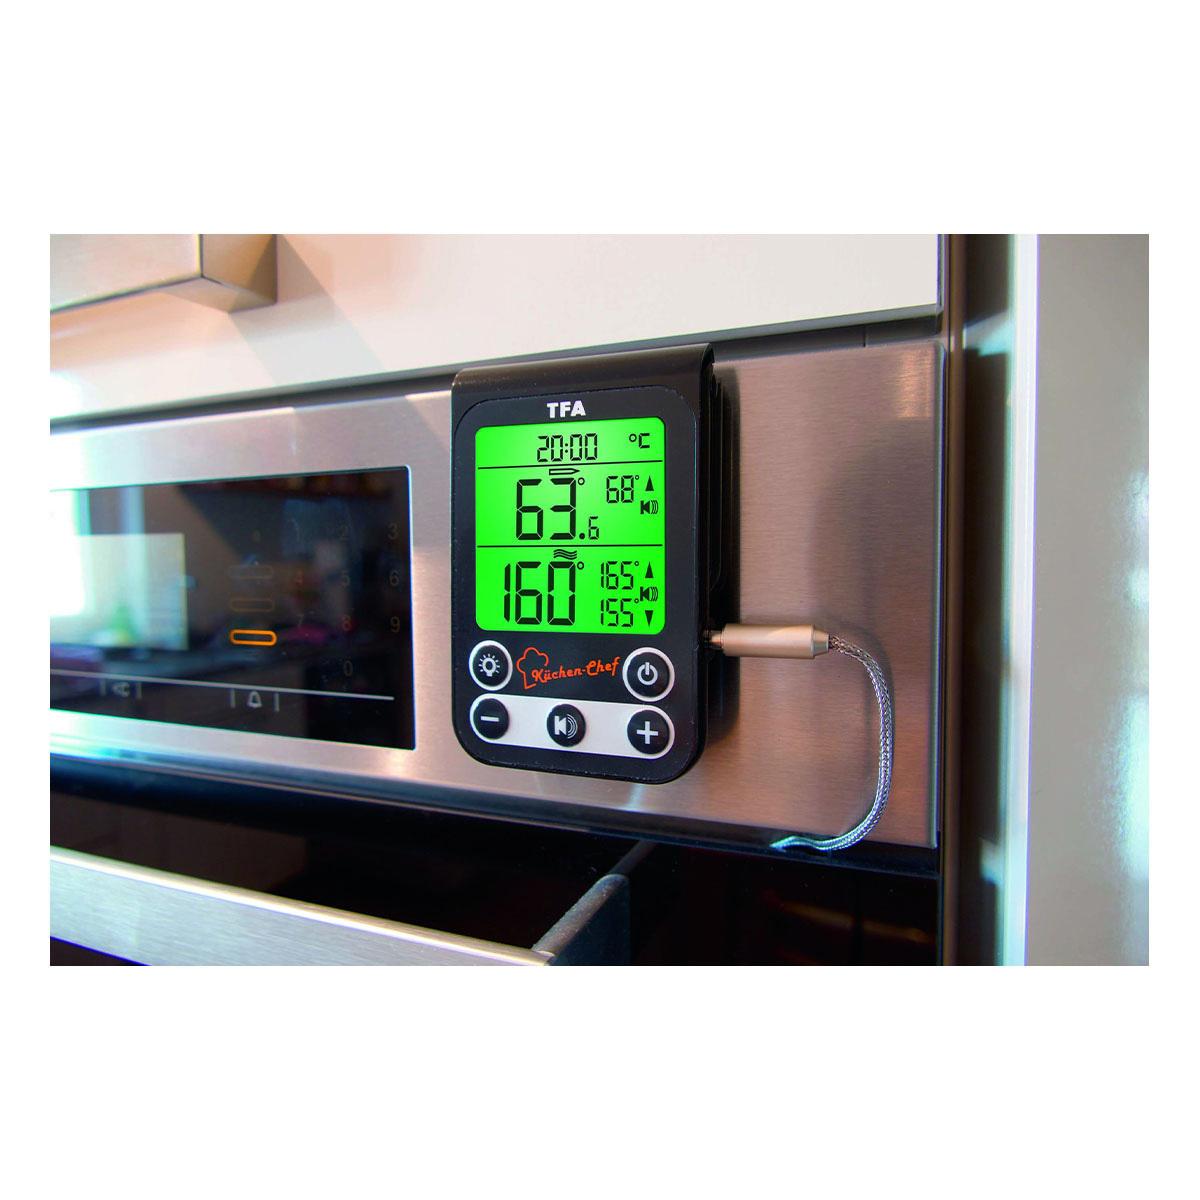 14-1512-01-digitales-grill-braten-ofenthermometer-küchen-chef-anwendung1-1200x1200px.jpg